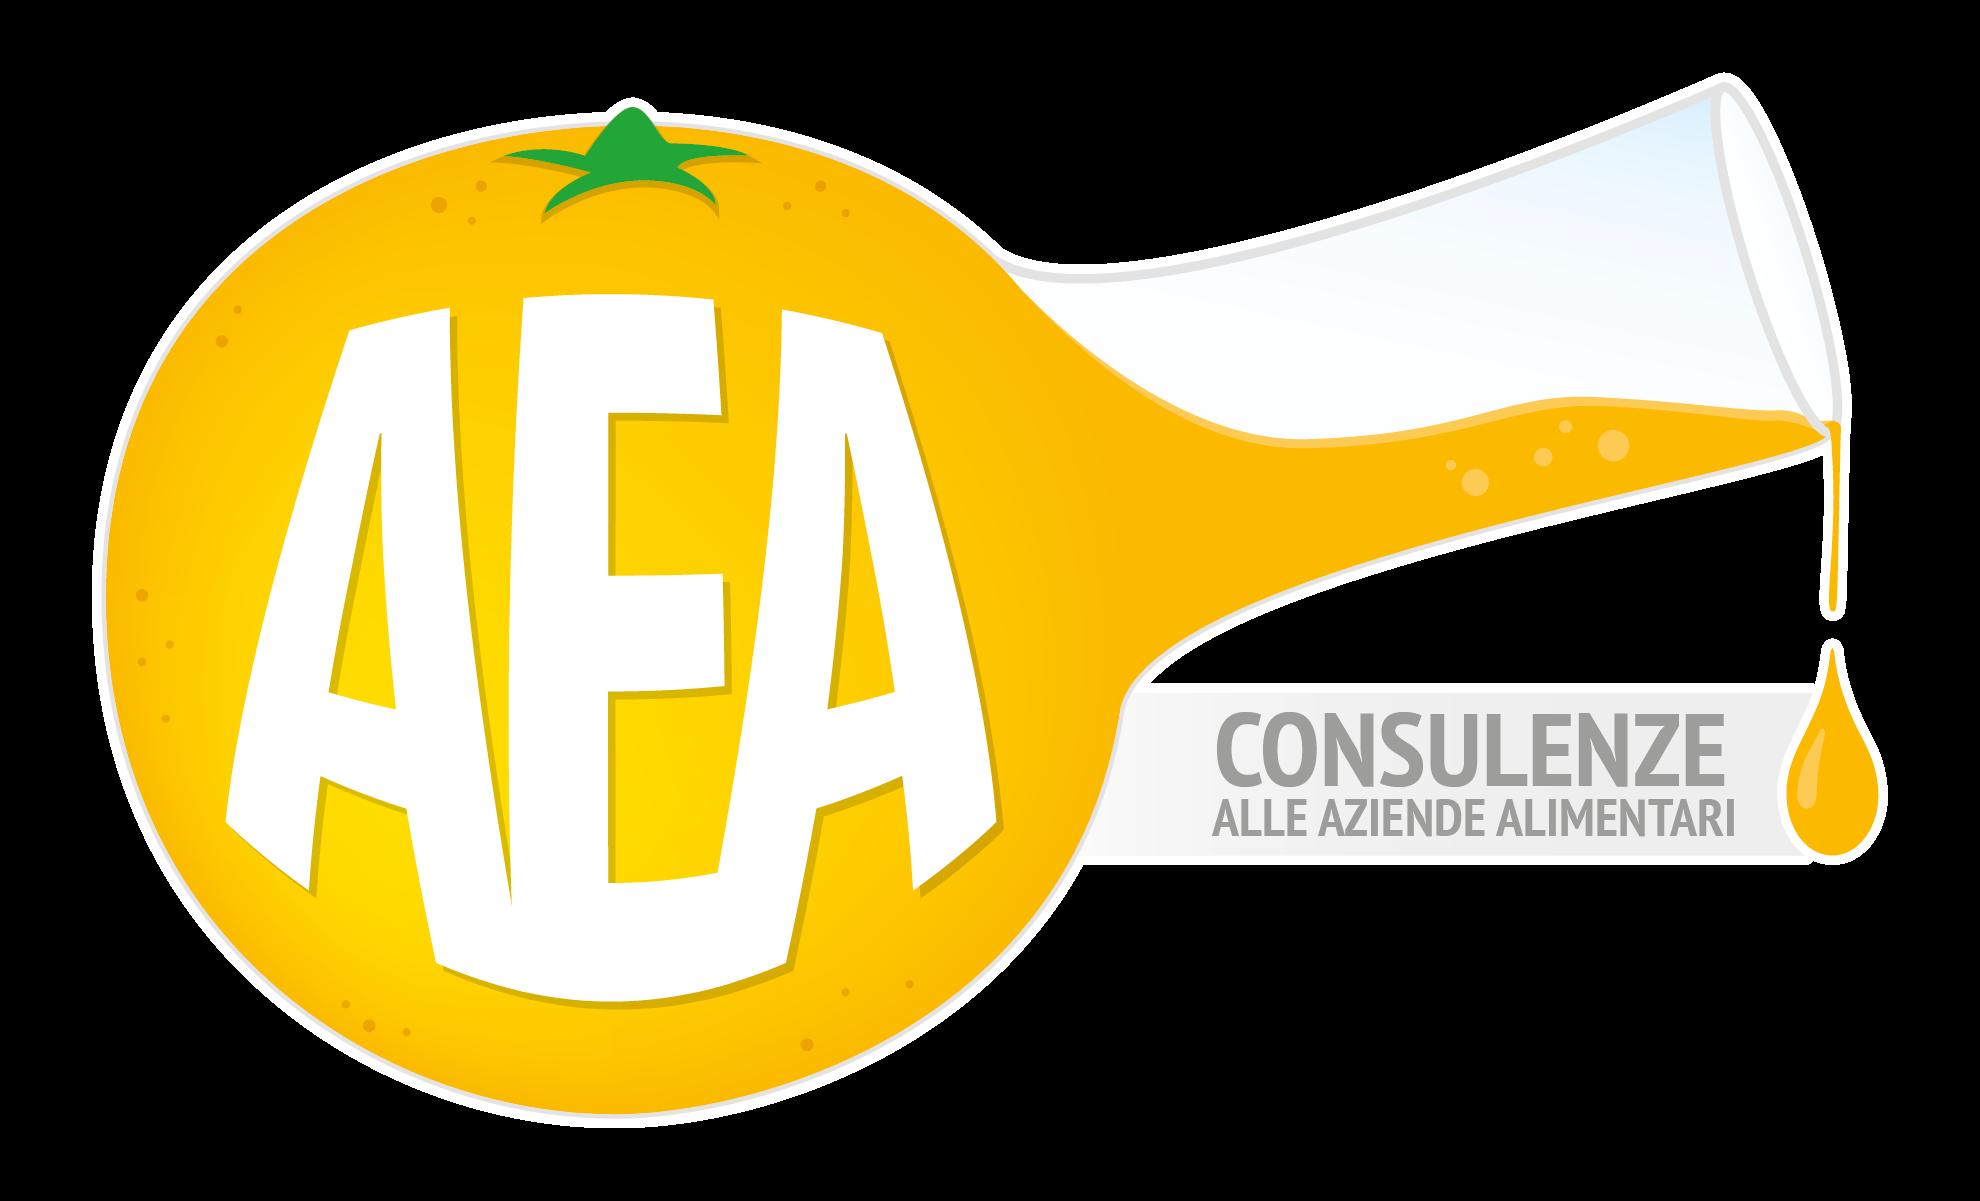 AEA Consulenze Alle Aziende Alimentari